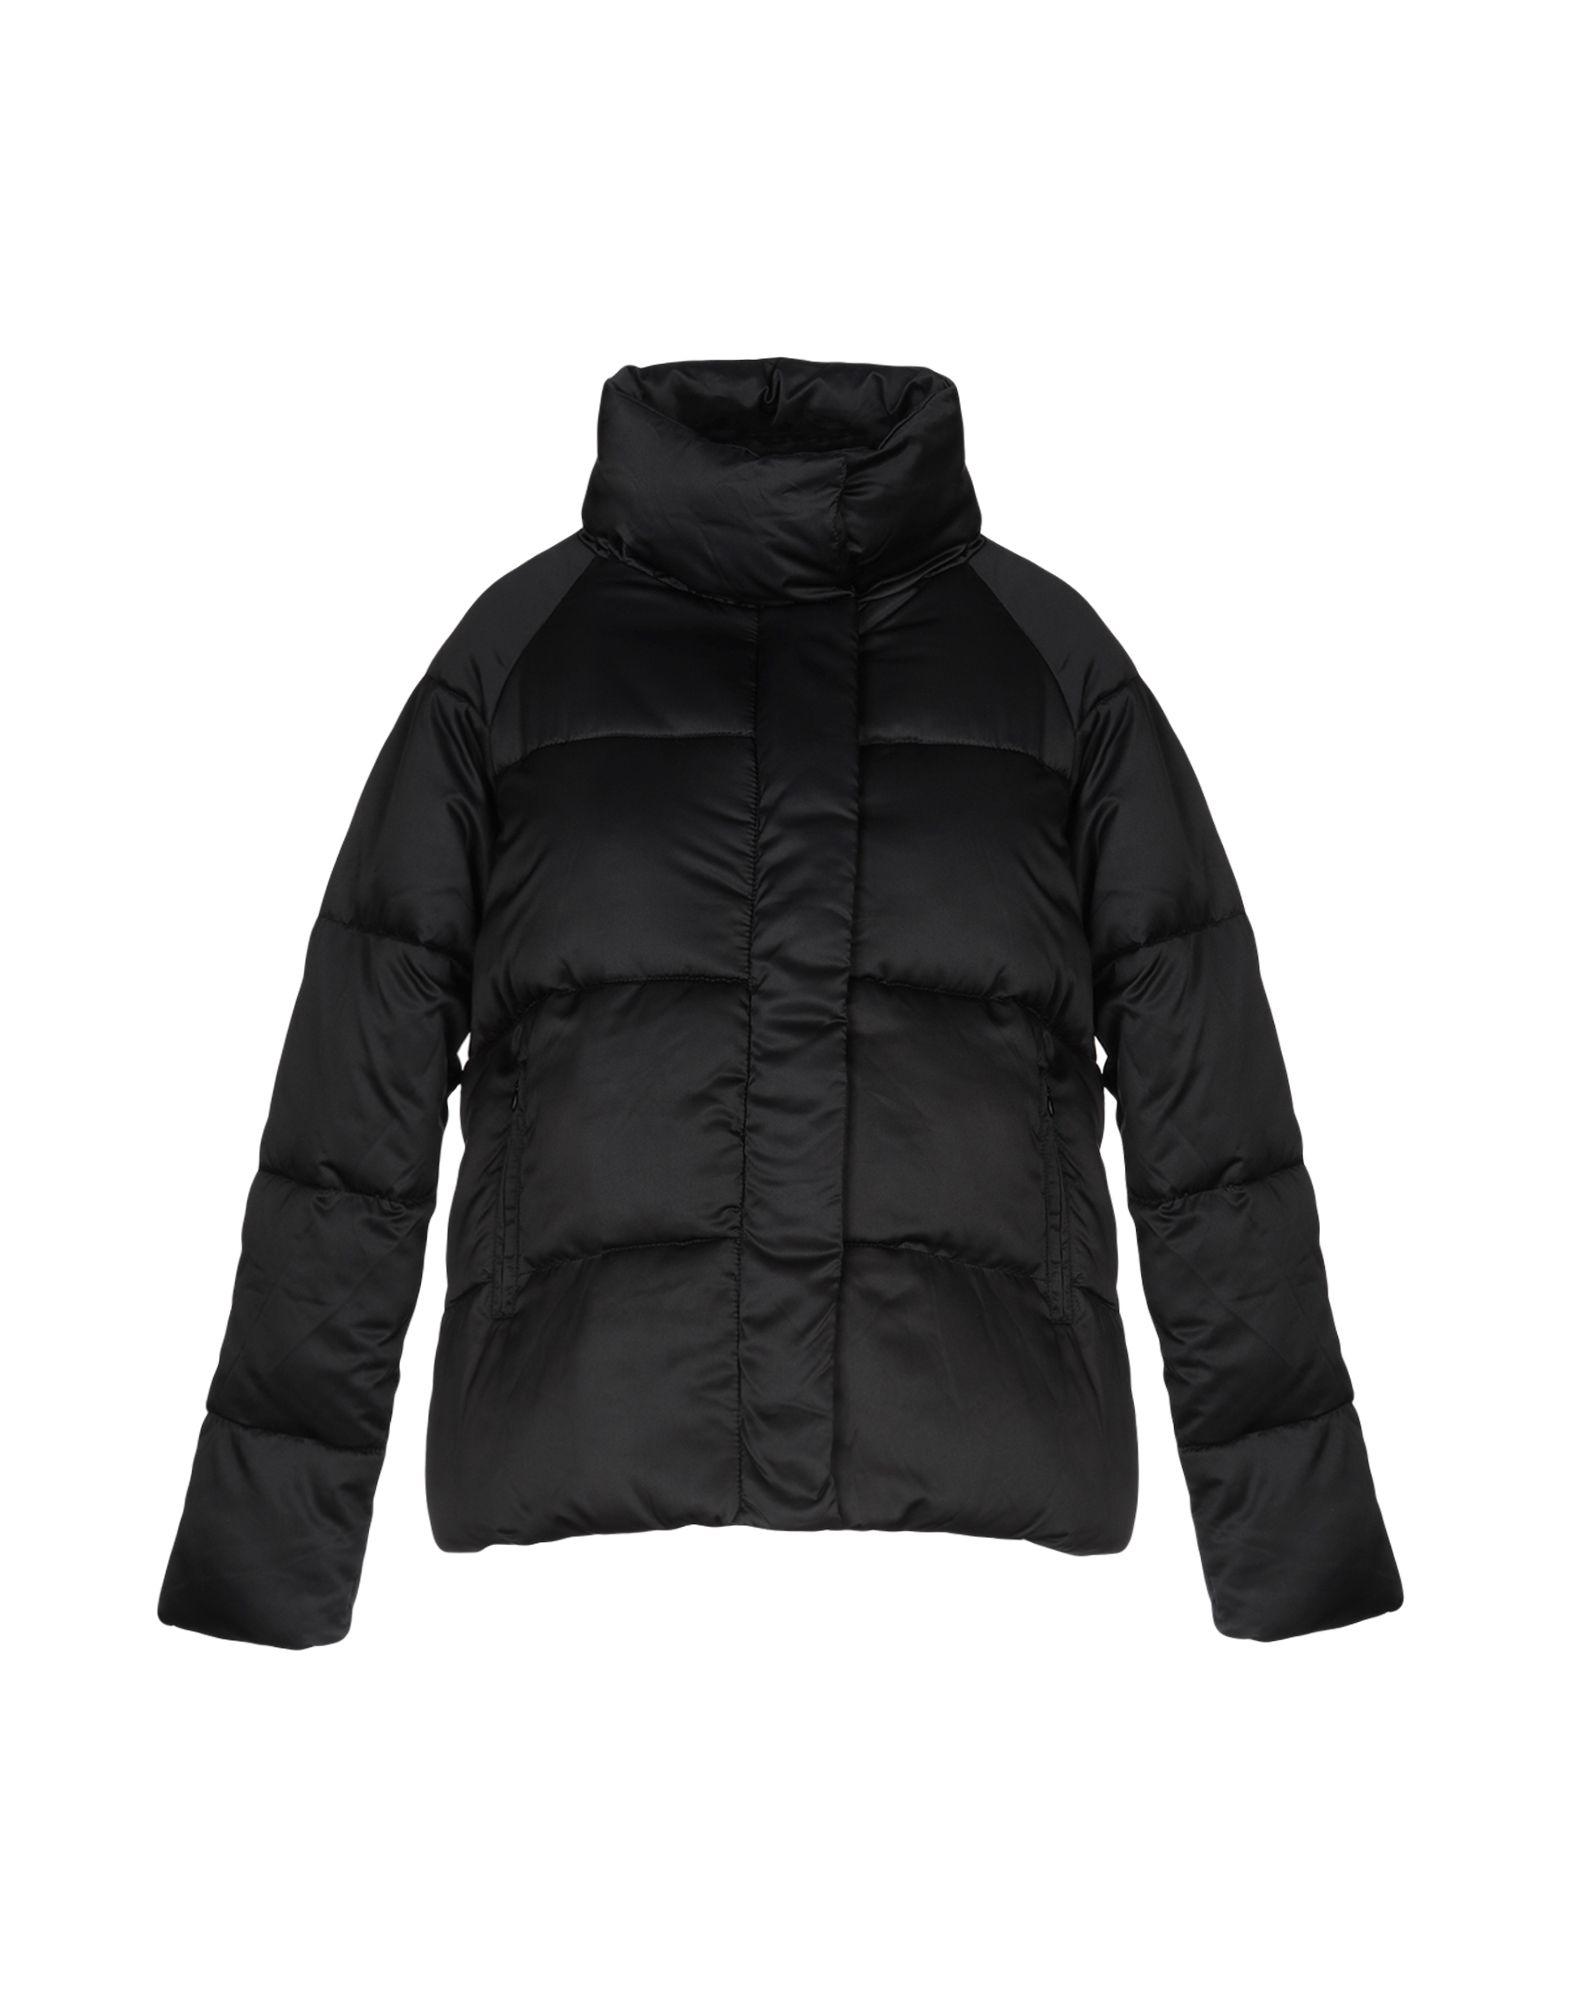 《送料無料》KAOS JEANS レディース 合成繊維中綿アウター ブラック 40 ポリエステル 100%